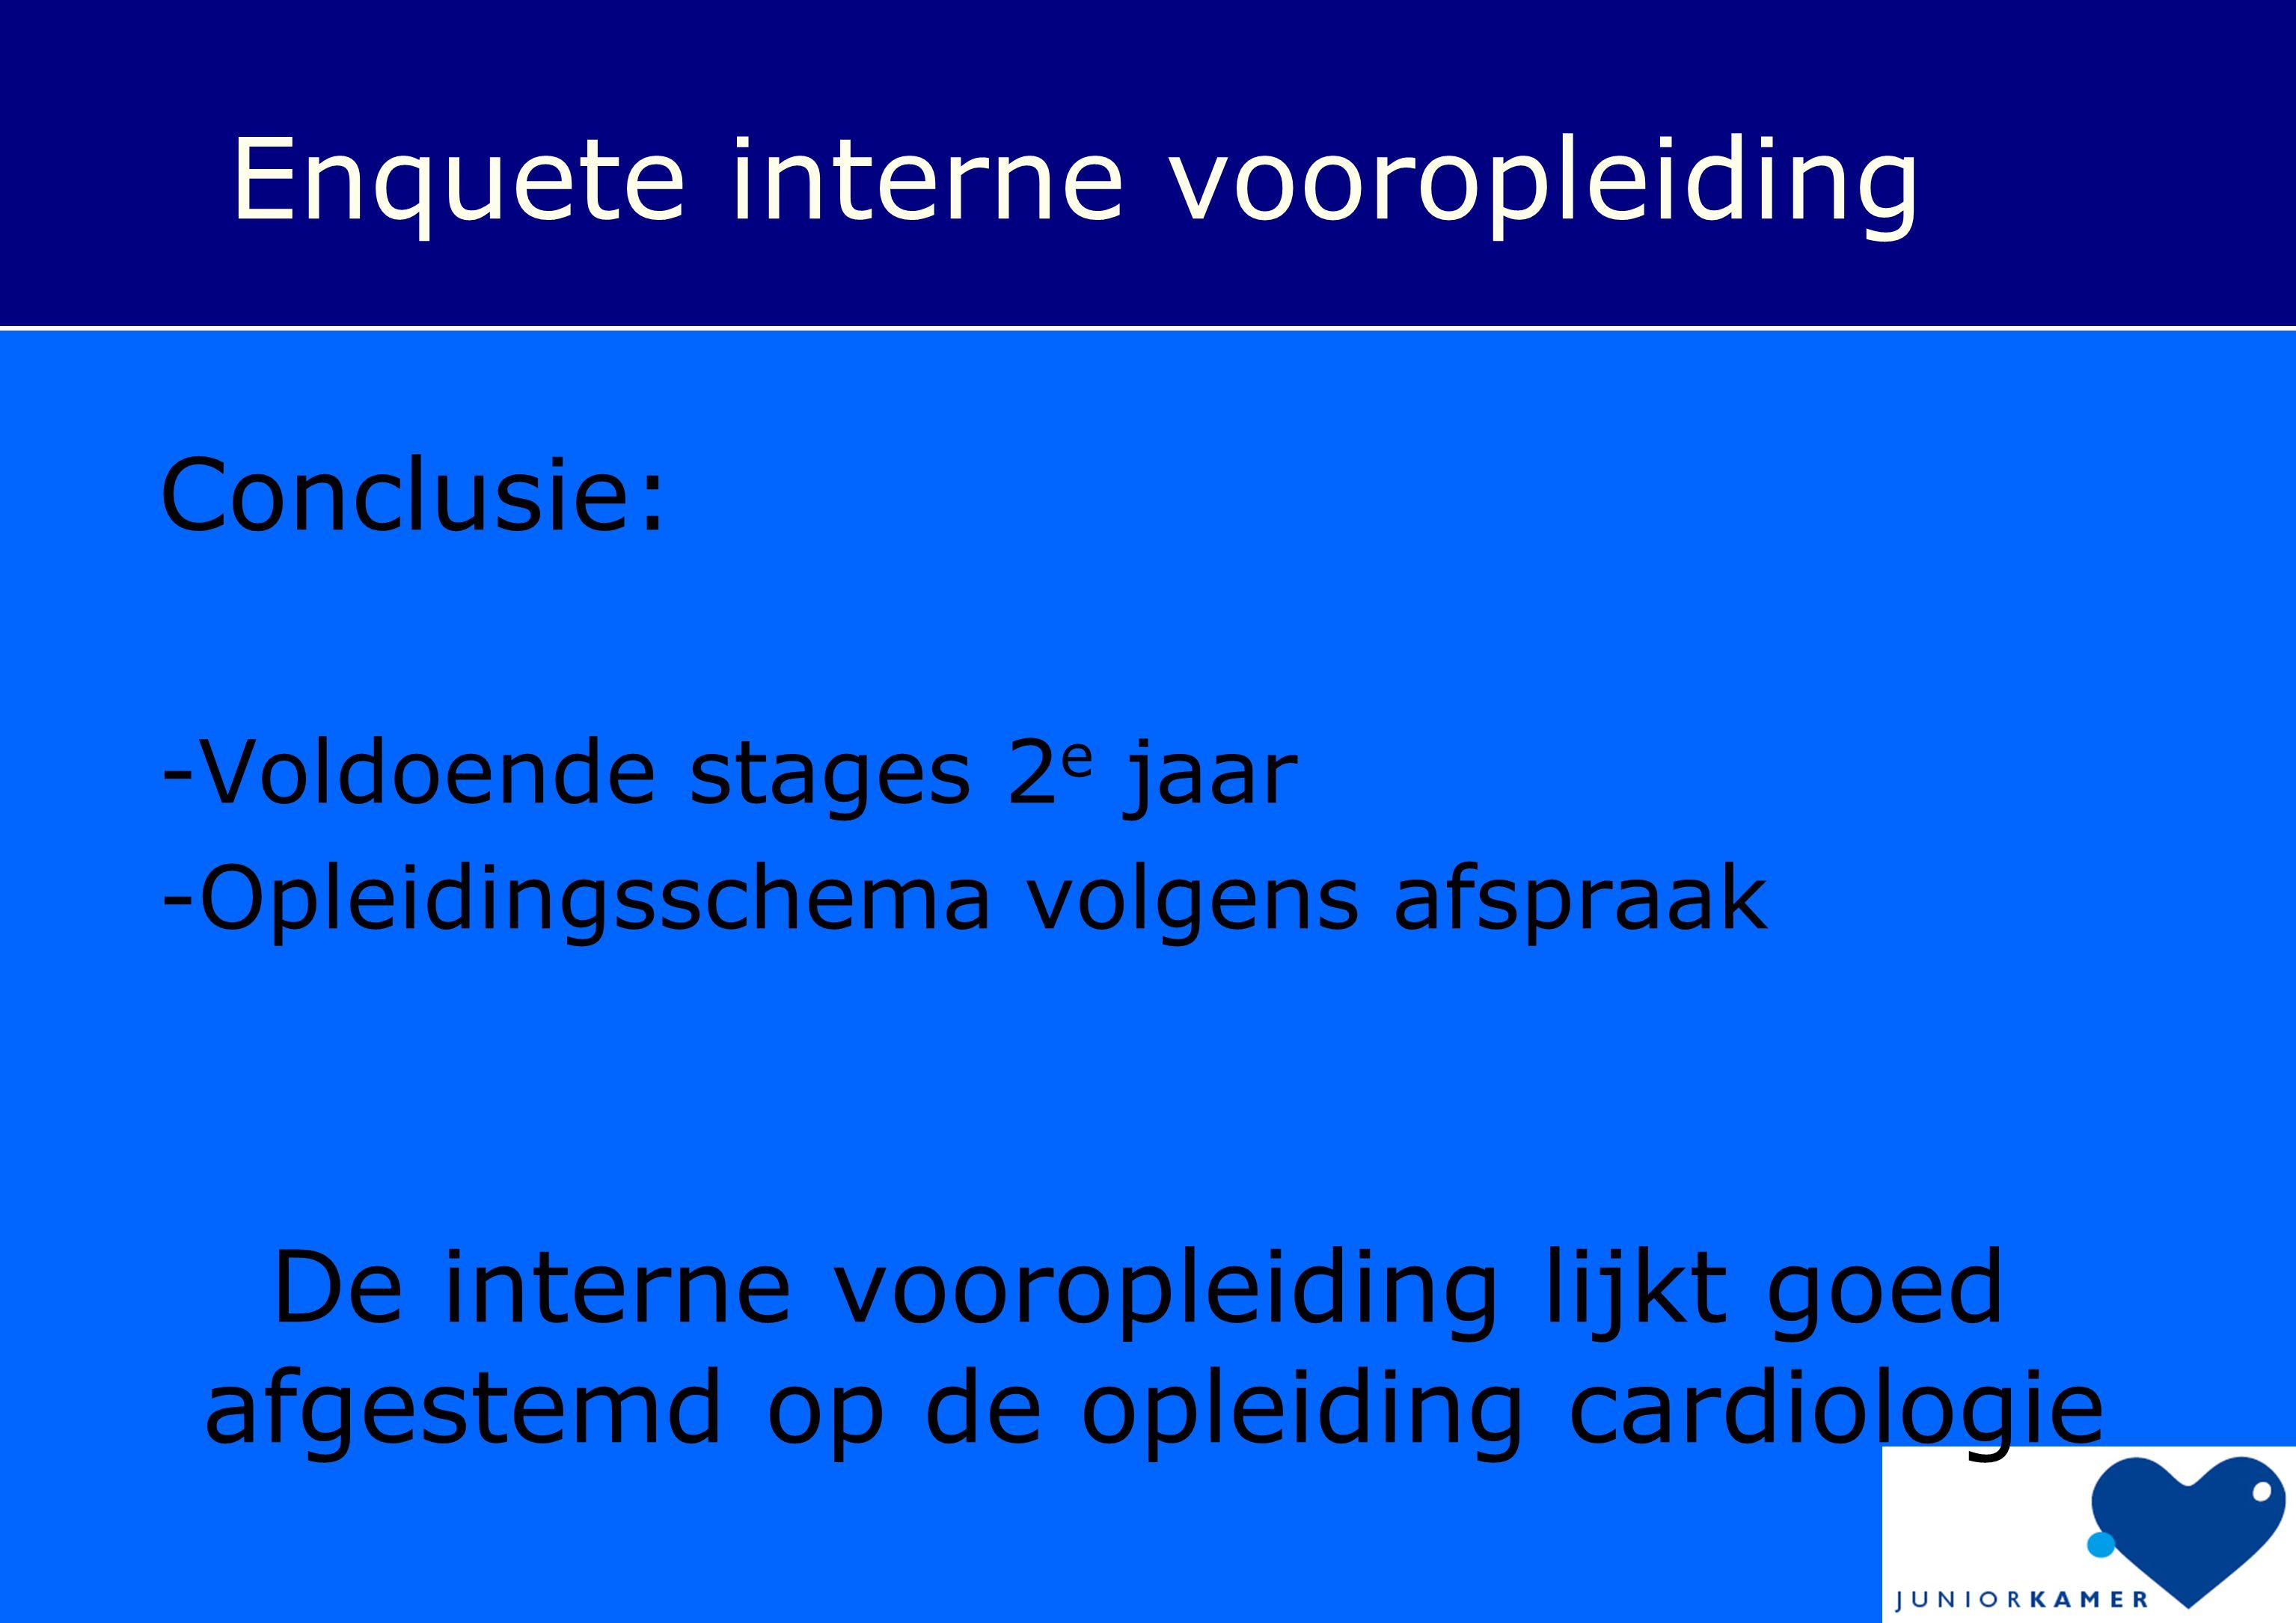 Conclusie: -Voldoende stages 2 e jaar -Opleidingsschema volgens afspraak De interne vooropleiding lijkt goed afgestemd op de opleiding cardiologie Enq